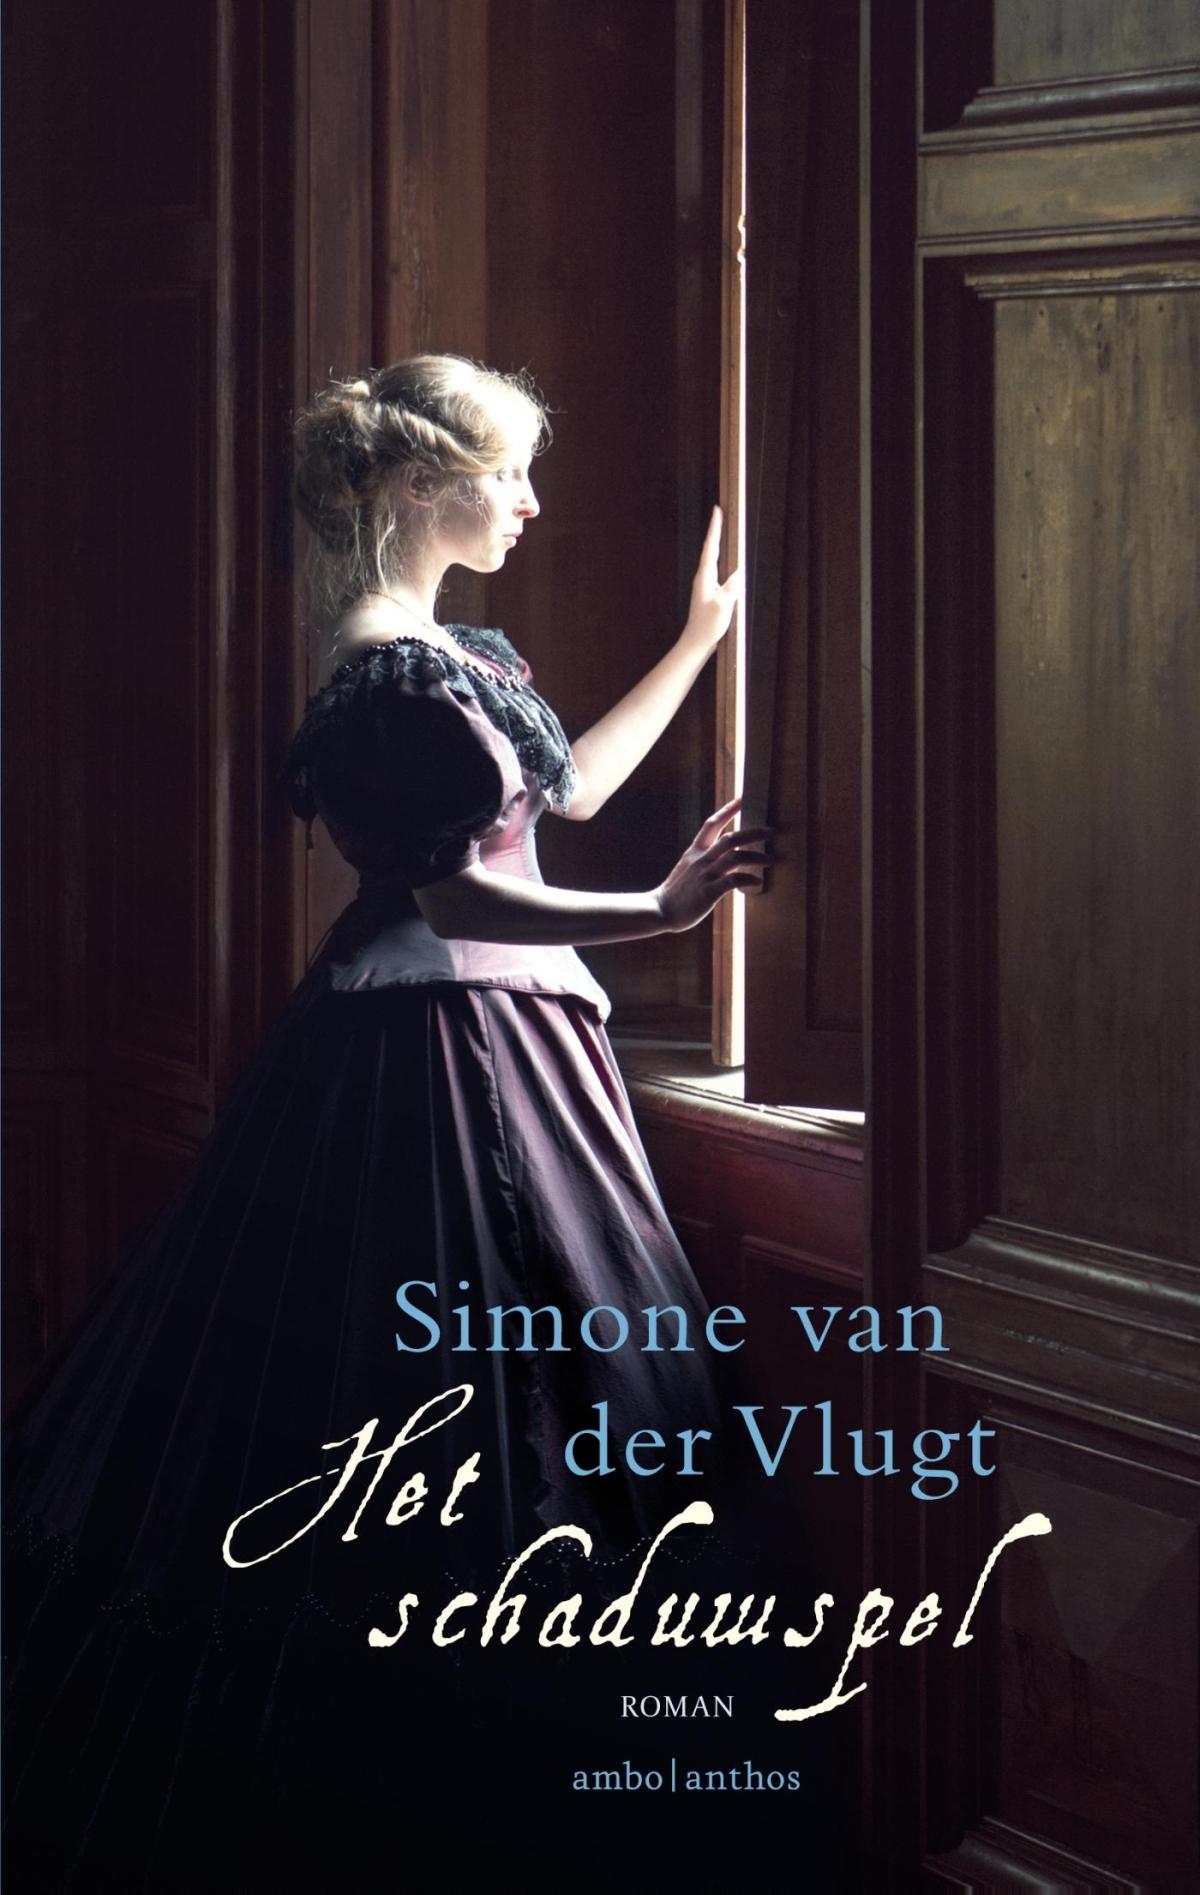 Het schaduwspel - Simone van der Vlugt